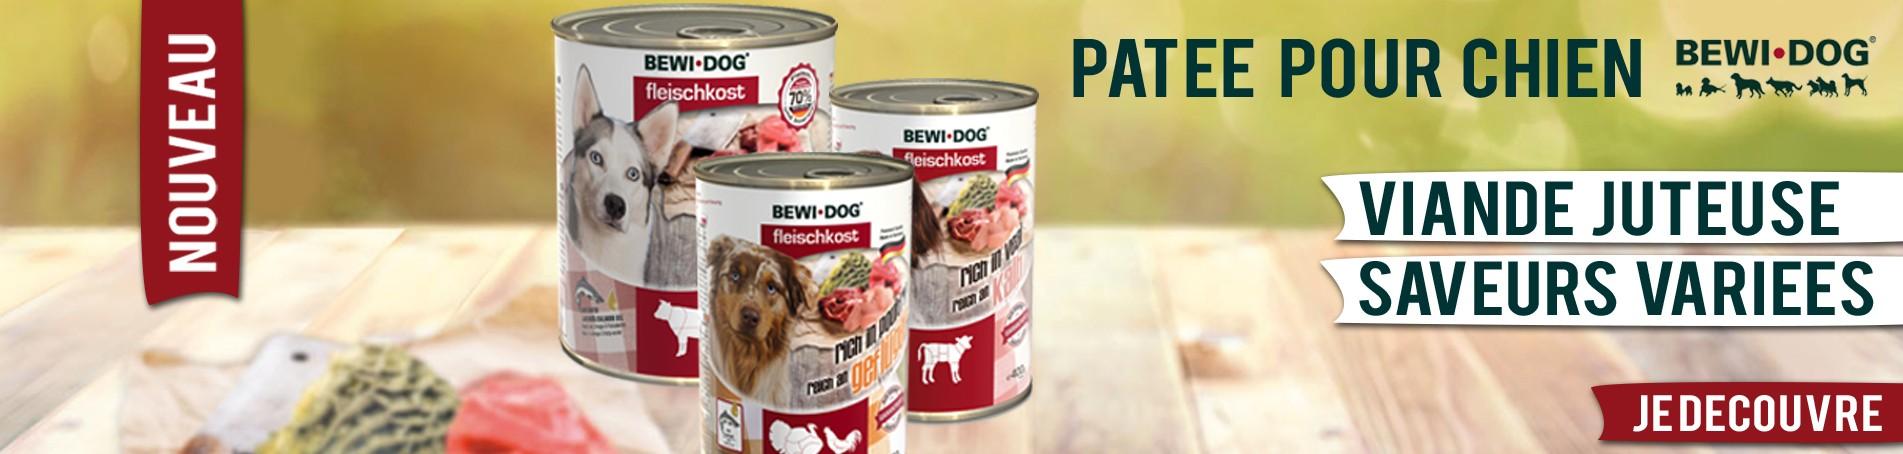 Pâtée pour chien Bewidog : Une alimentation juteuse, variée et saine.